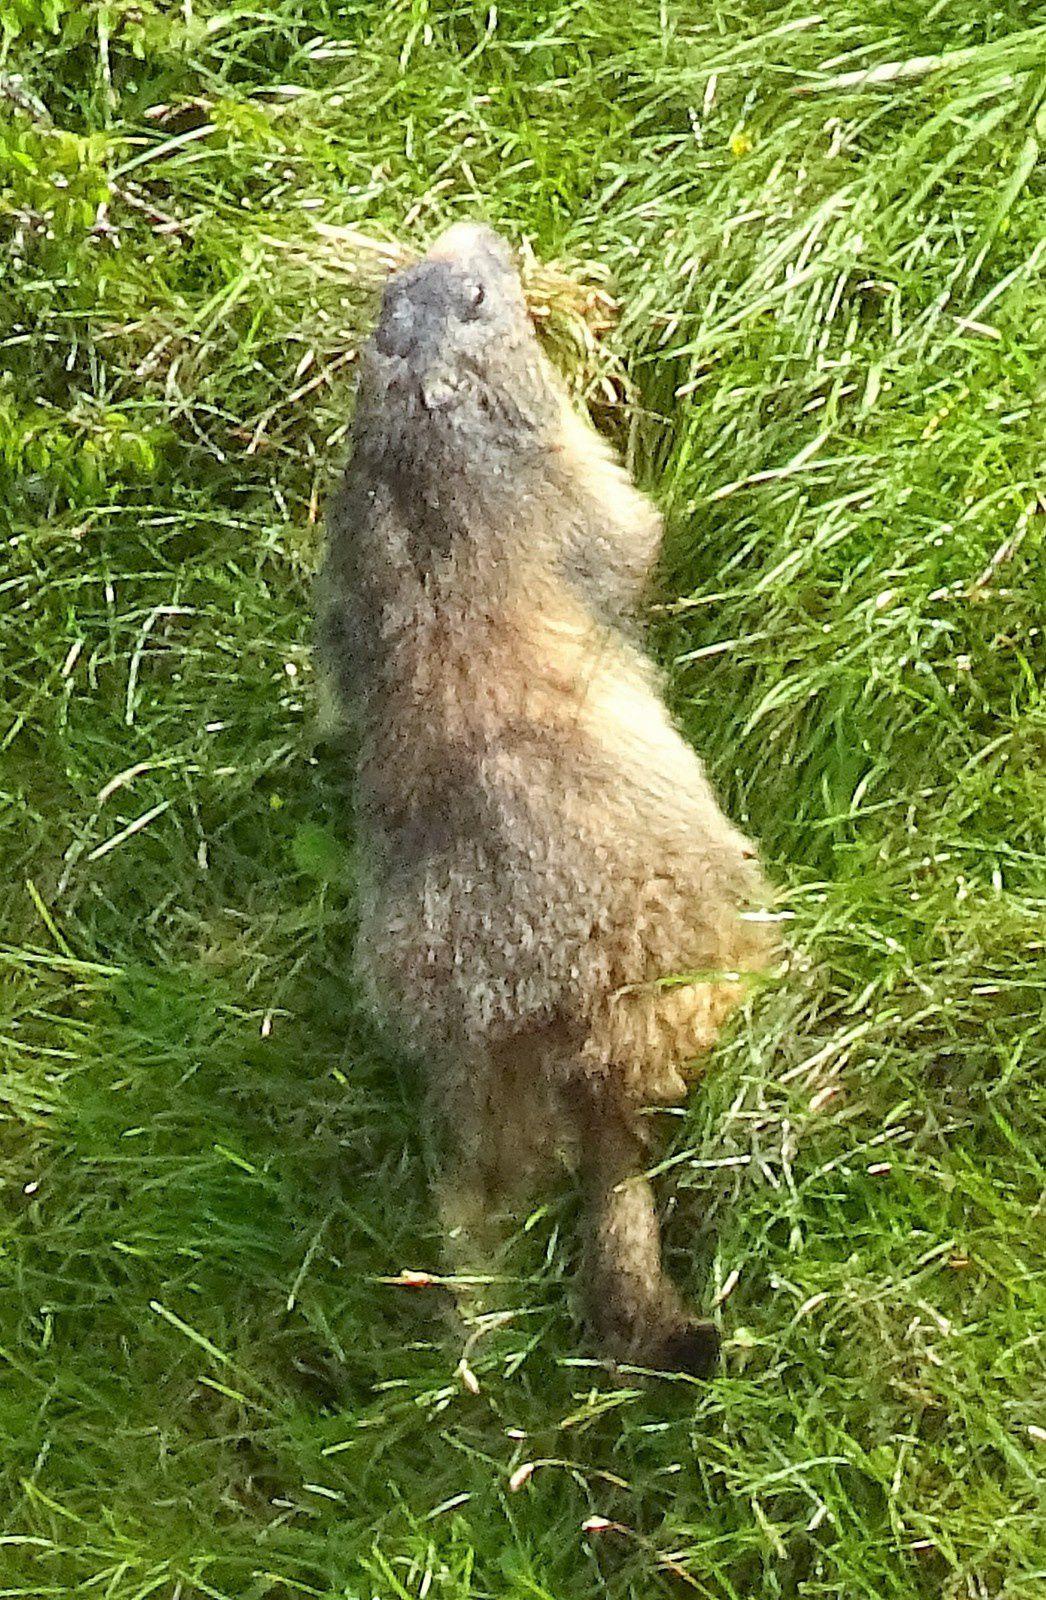 Une marmotte qui ne nous a montré que son dos ! Et pas son joli minois ! Dommage !